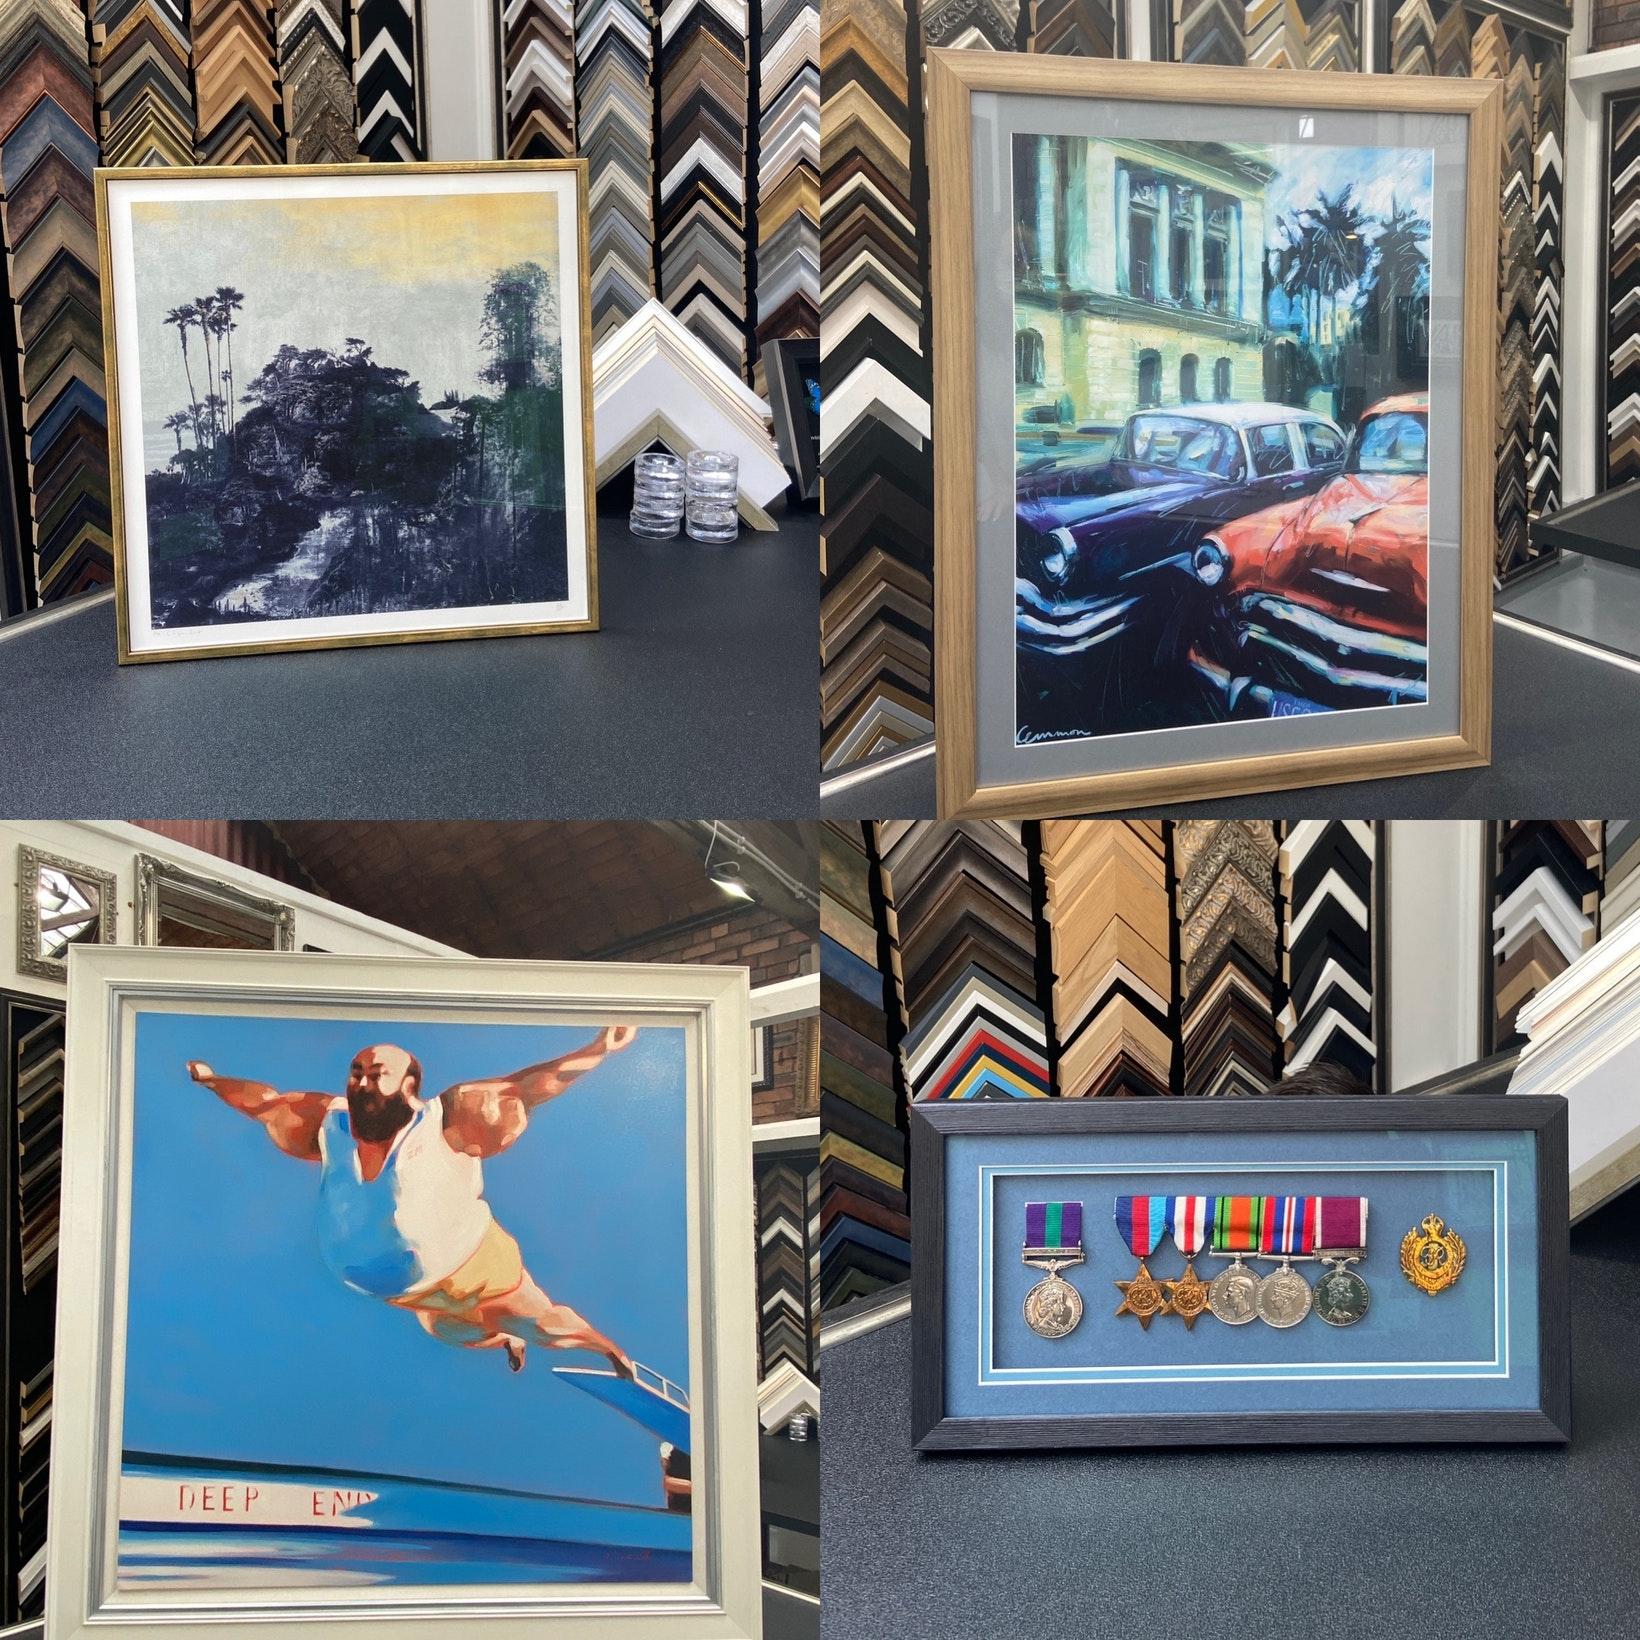 Finished Framing Jobs at Ironbridge Fine Arts Framing Workshop